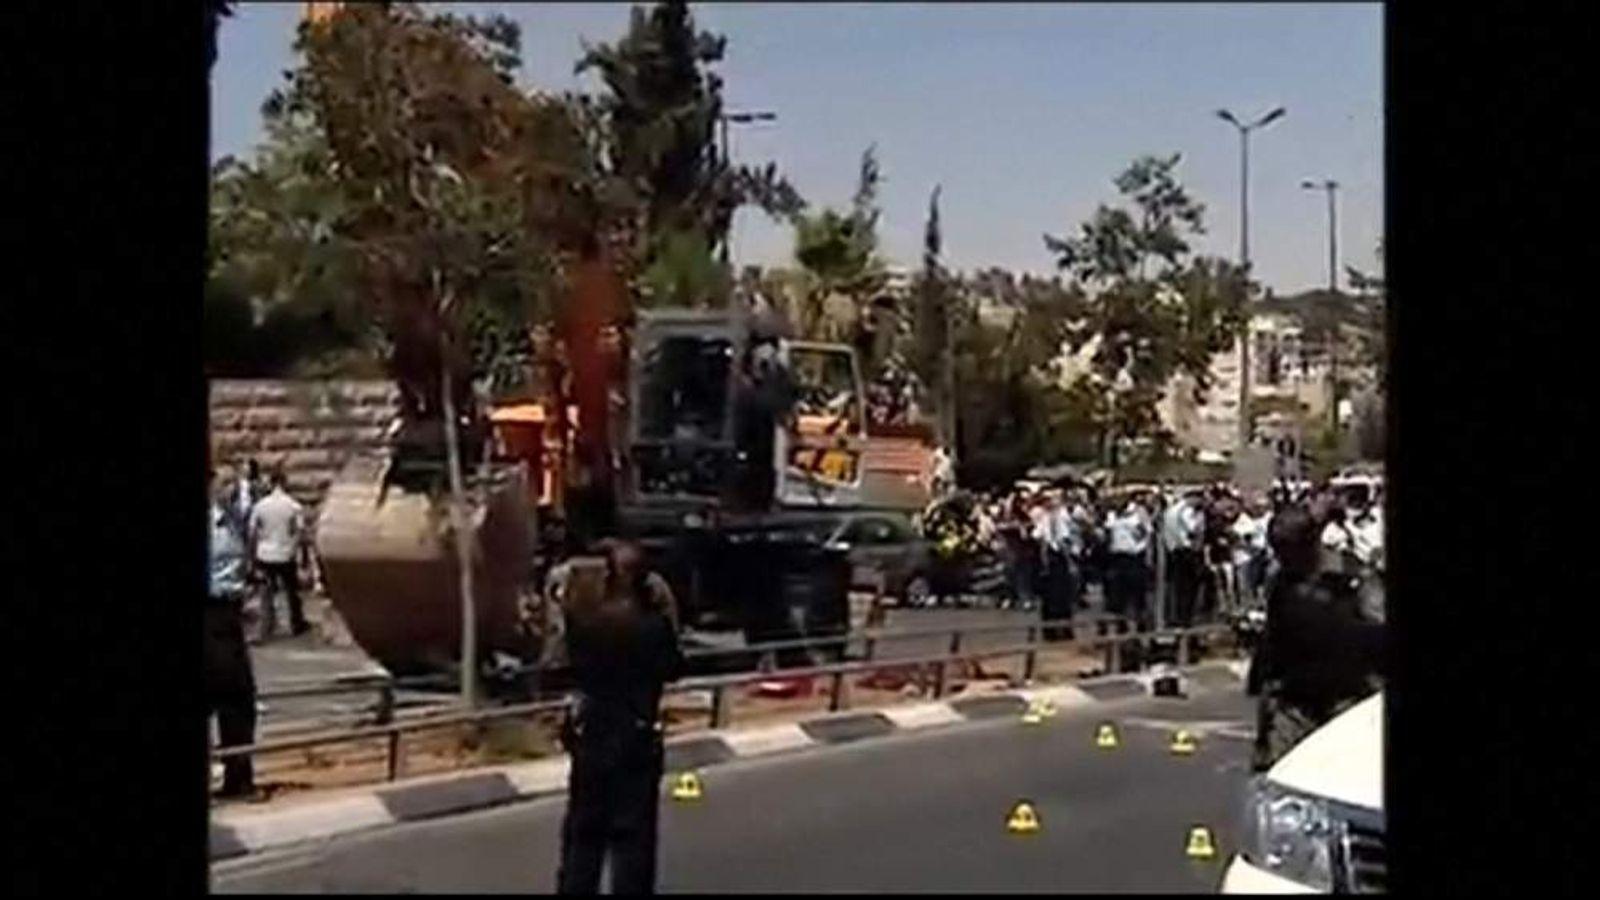 Digger involved in suspected 'terror attack' in Jerusalem